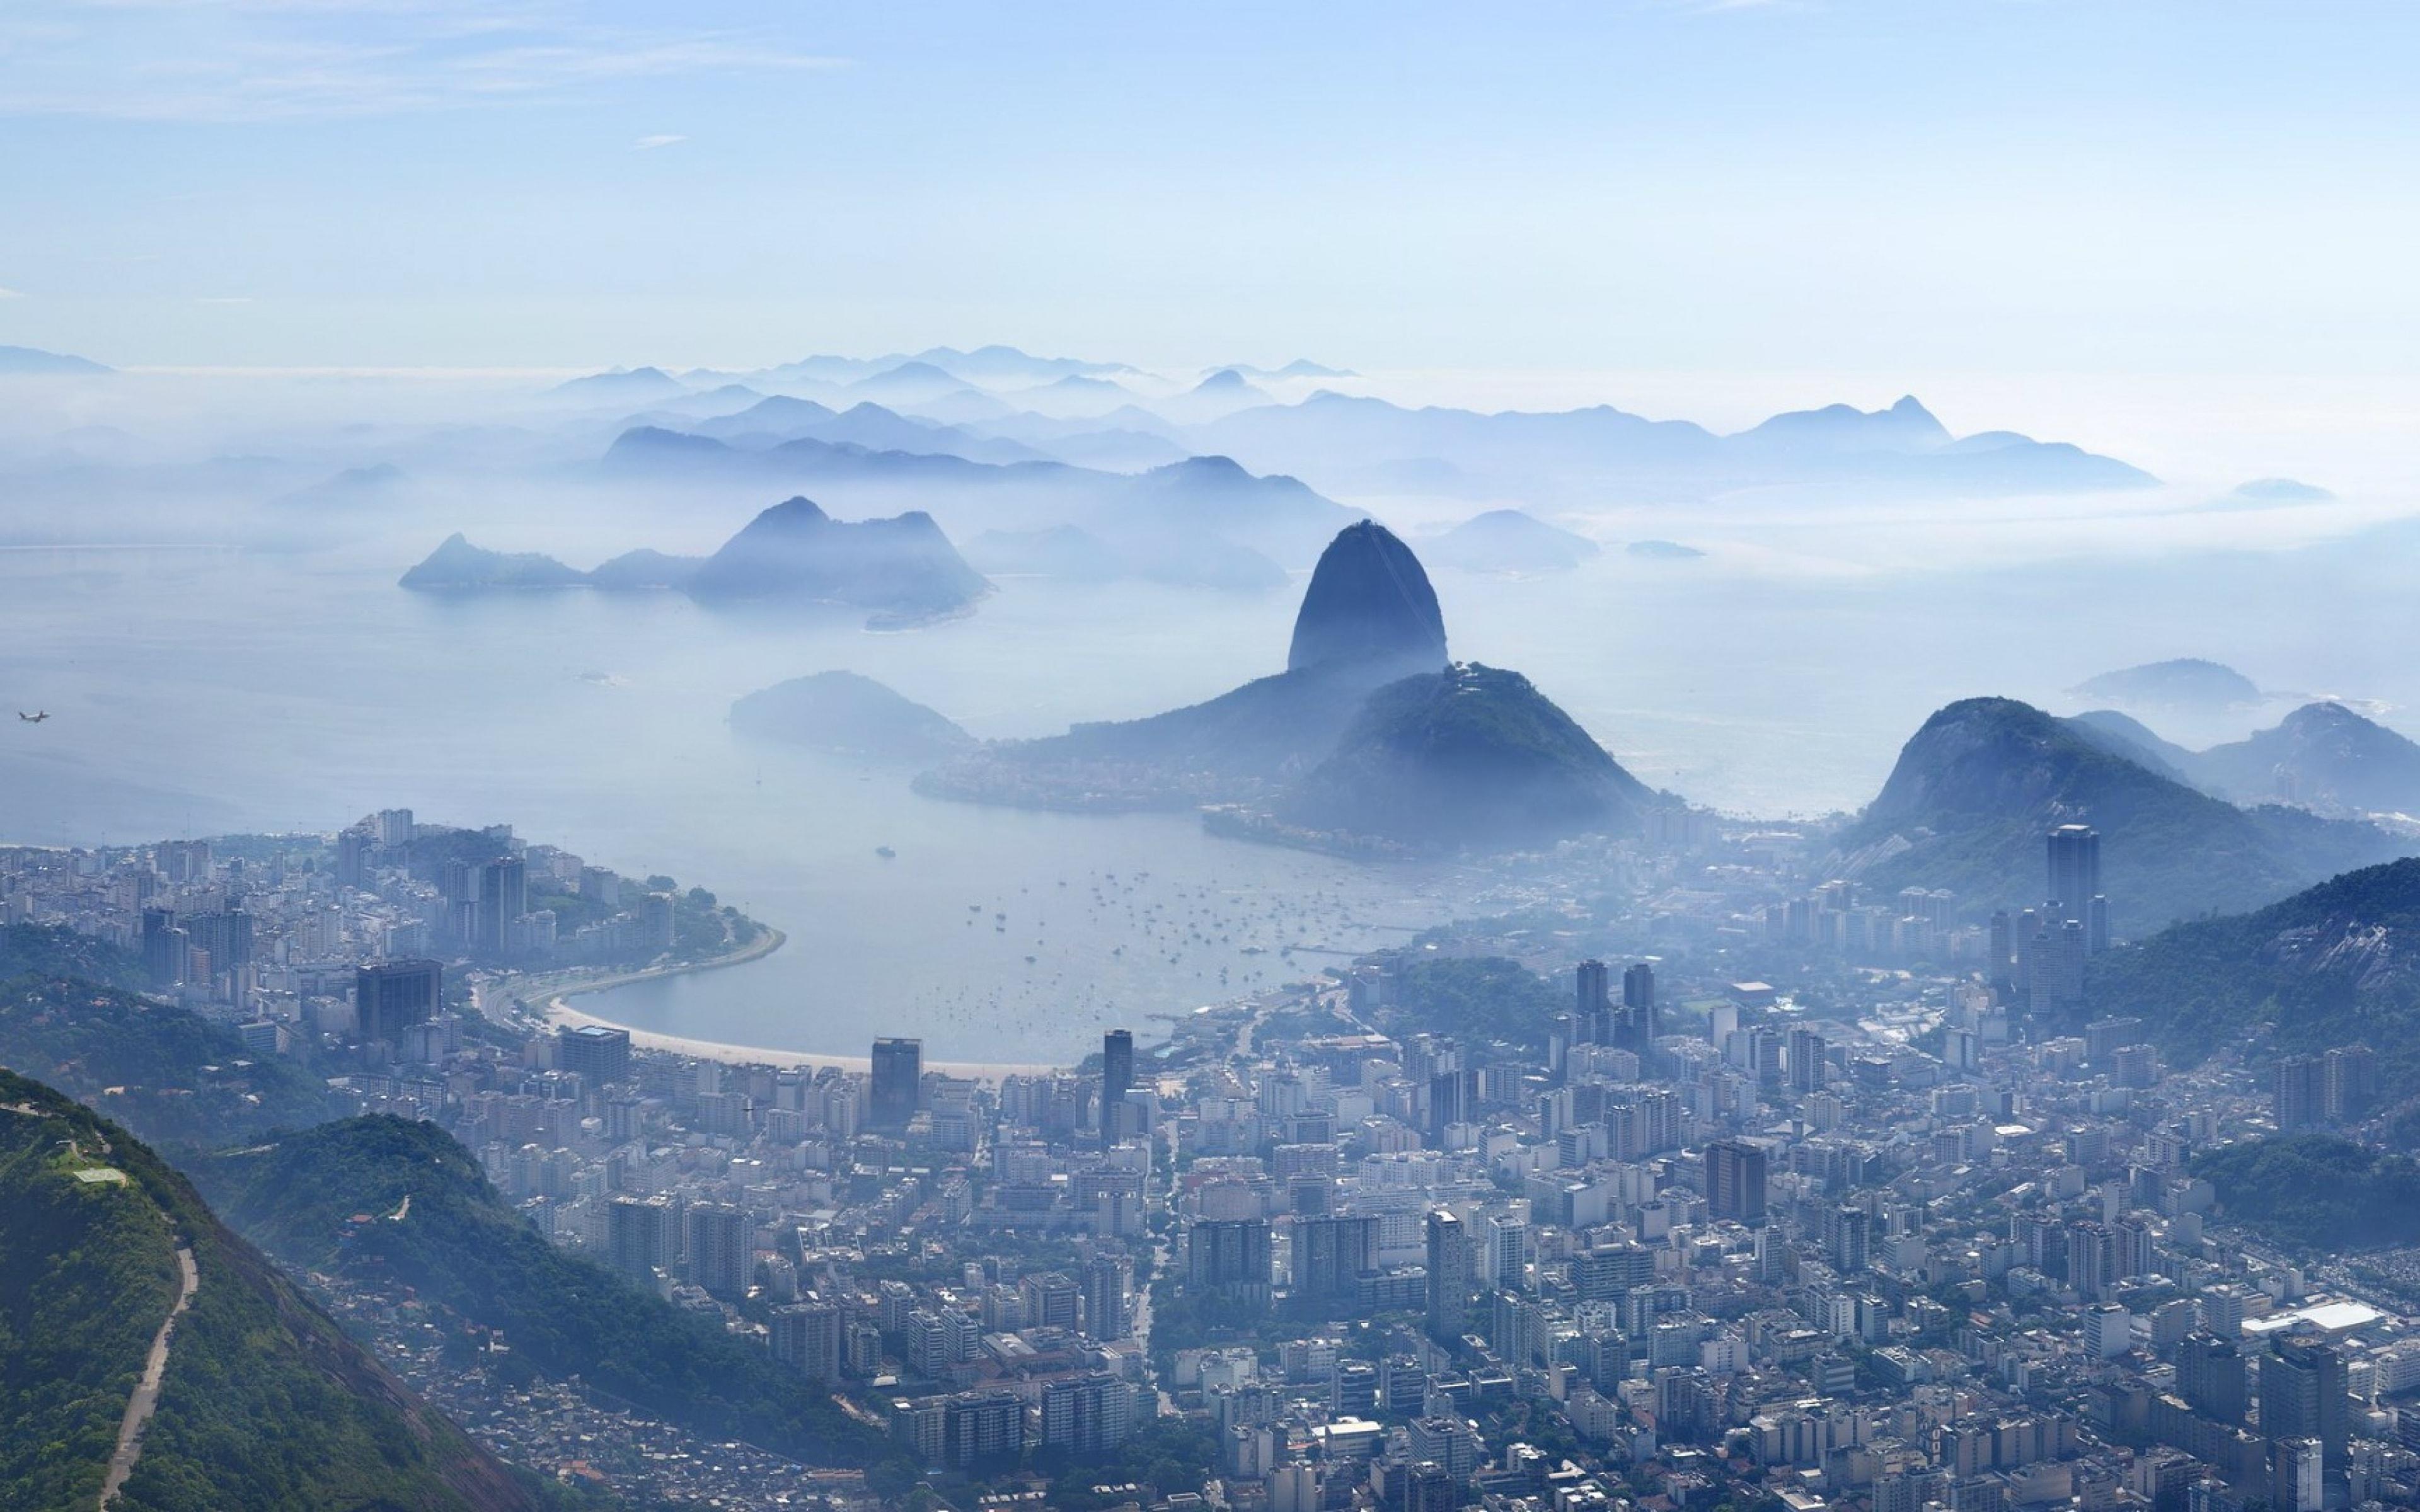 Rio De Janeiro widescreen